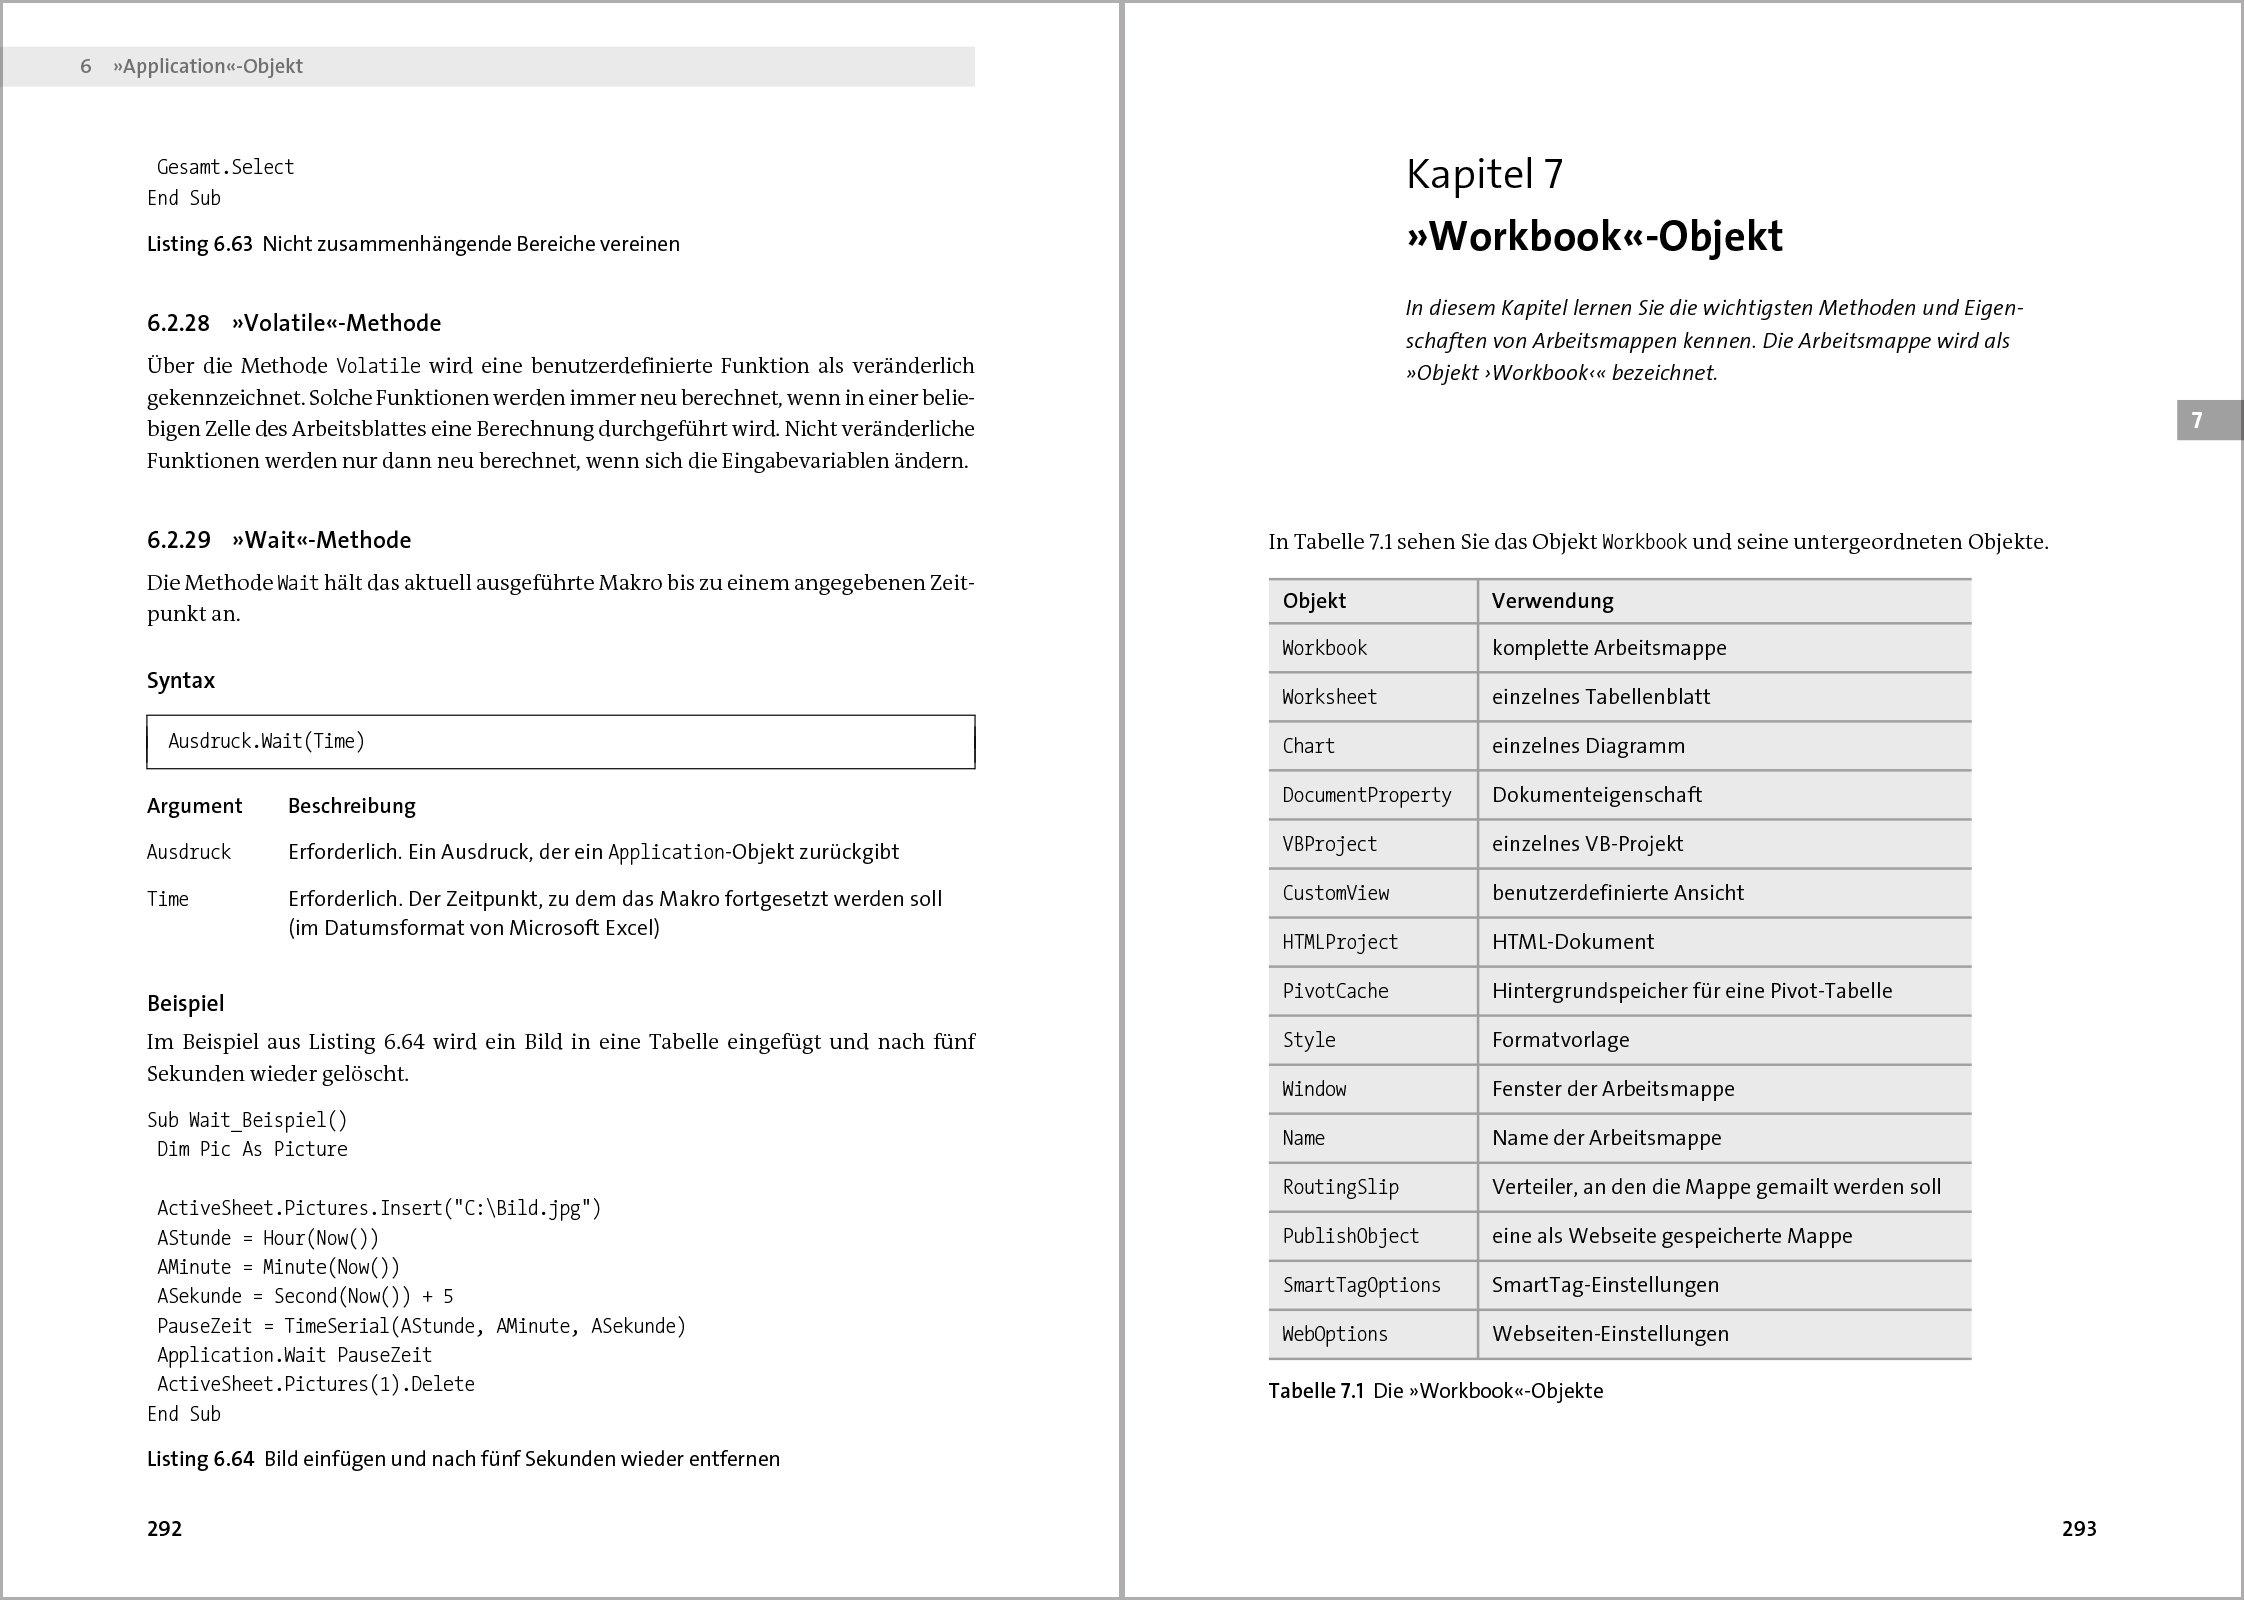 Großzügig Schreiben Ausdrücke Und Gleichungen Arbeitsblatt Ideen ...